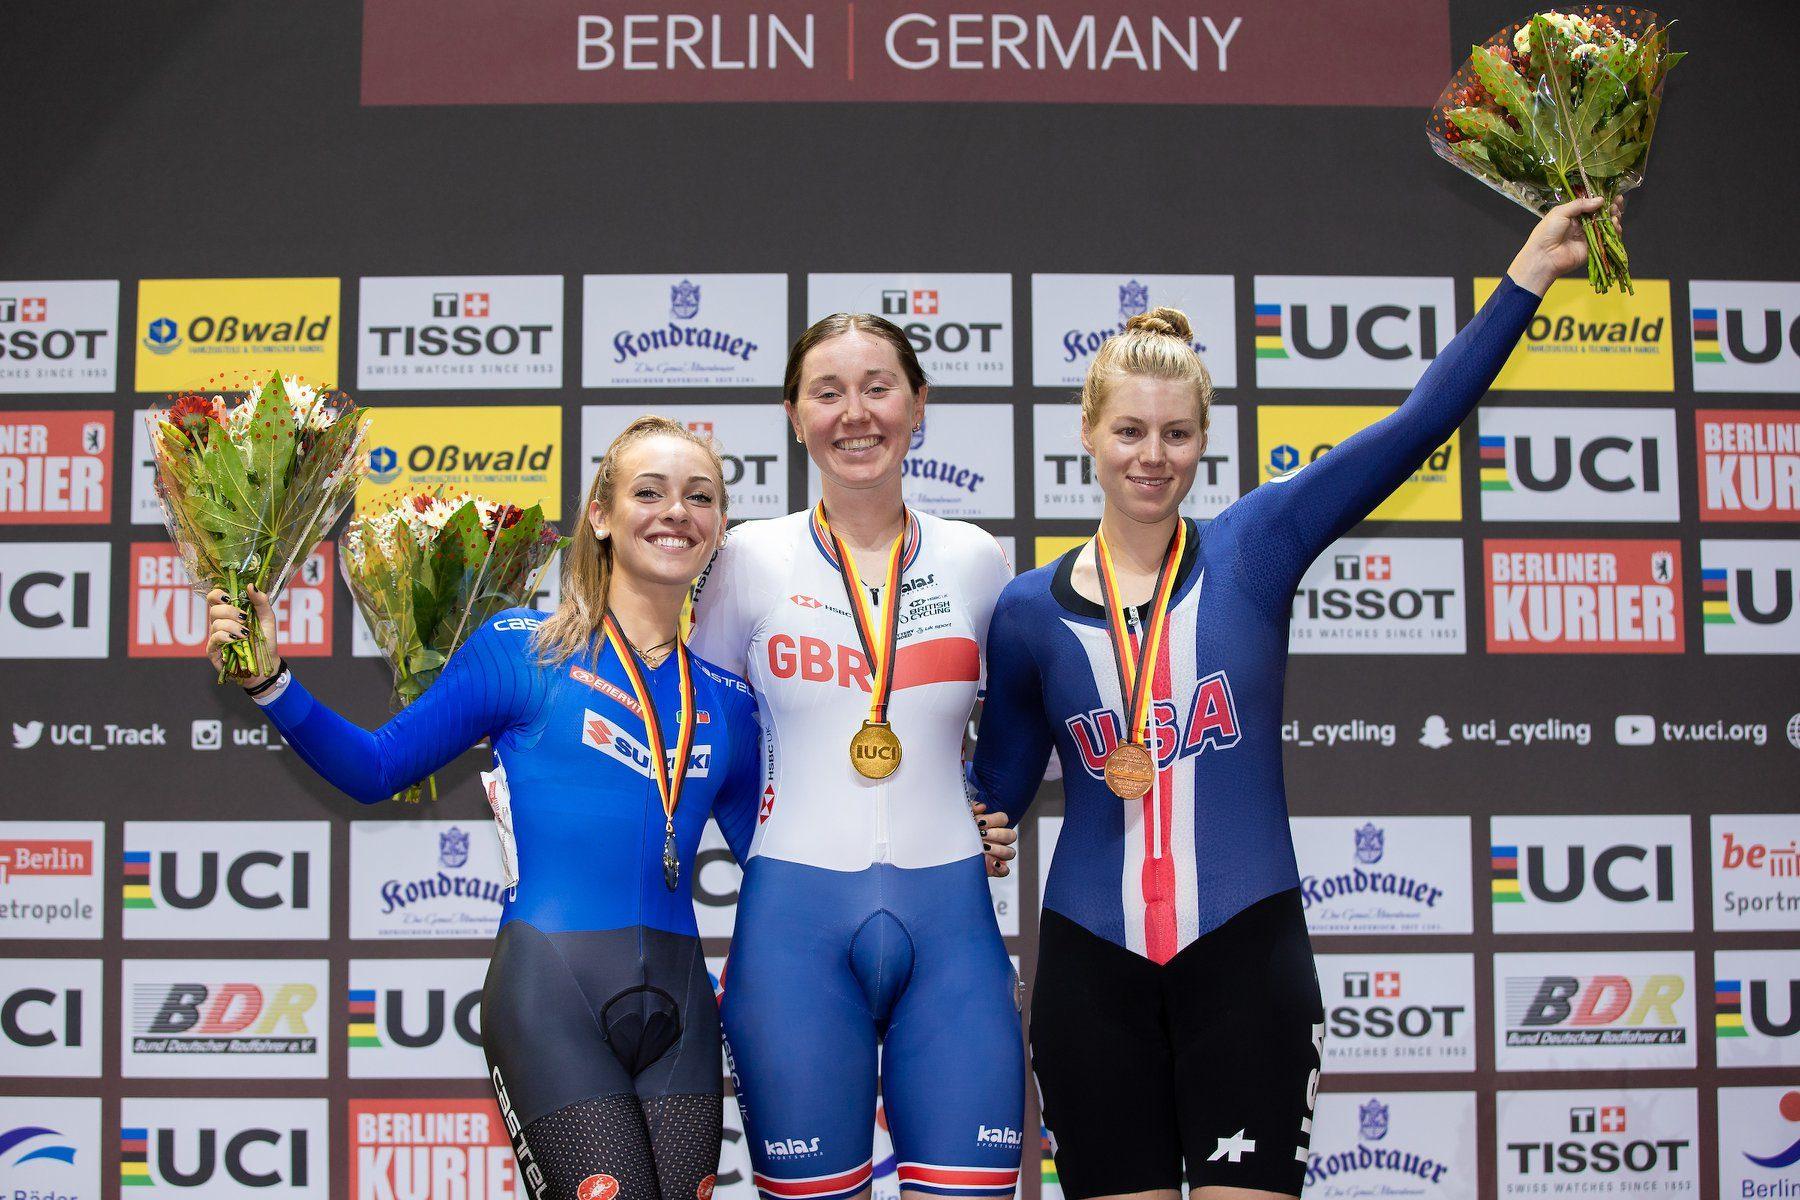 Третий этап Кубка мира по велоспорту на треке в Берлине